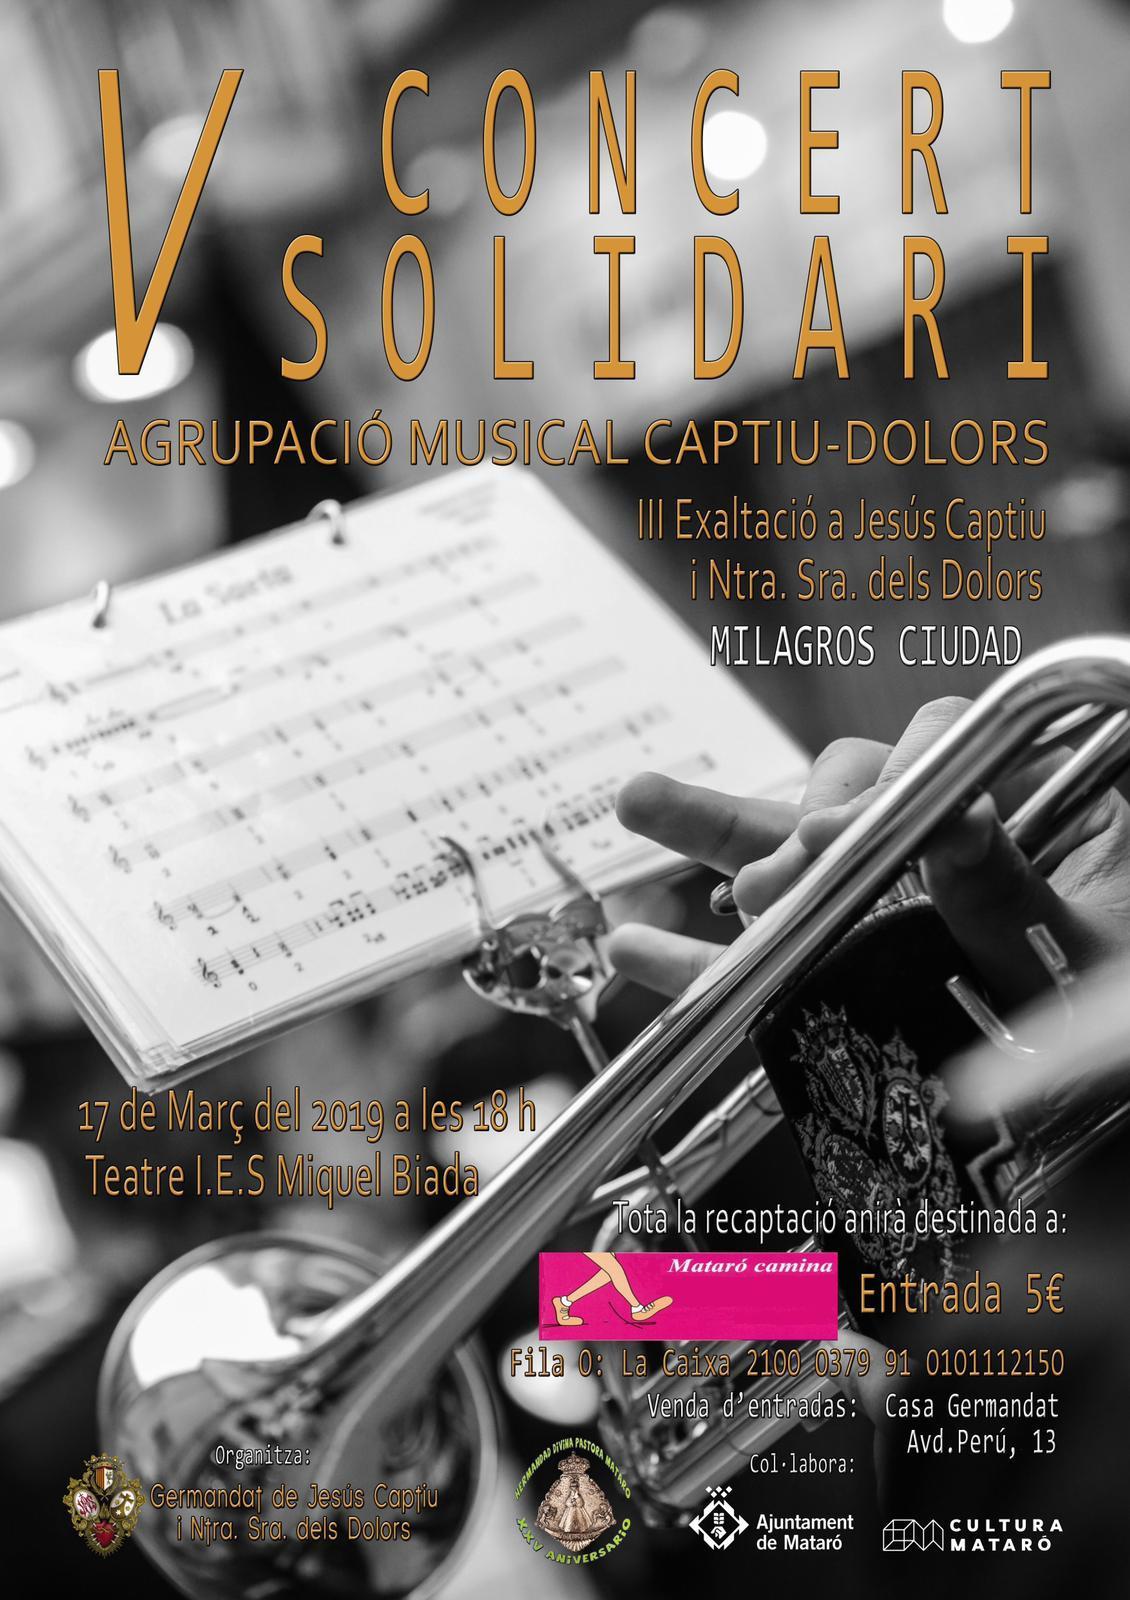 Marcador 5è. Concert Solidari